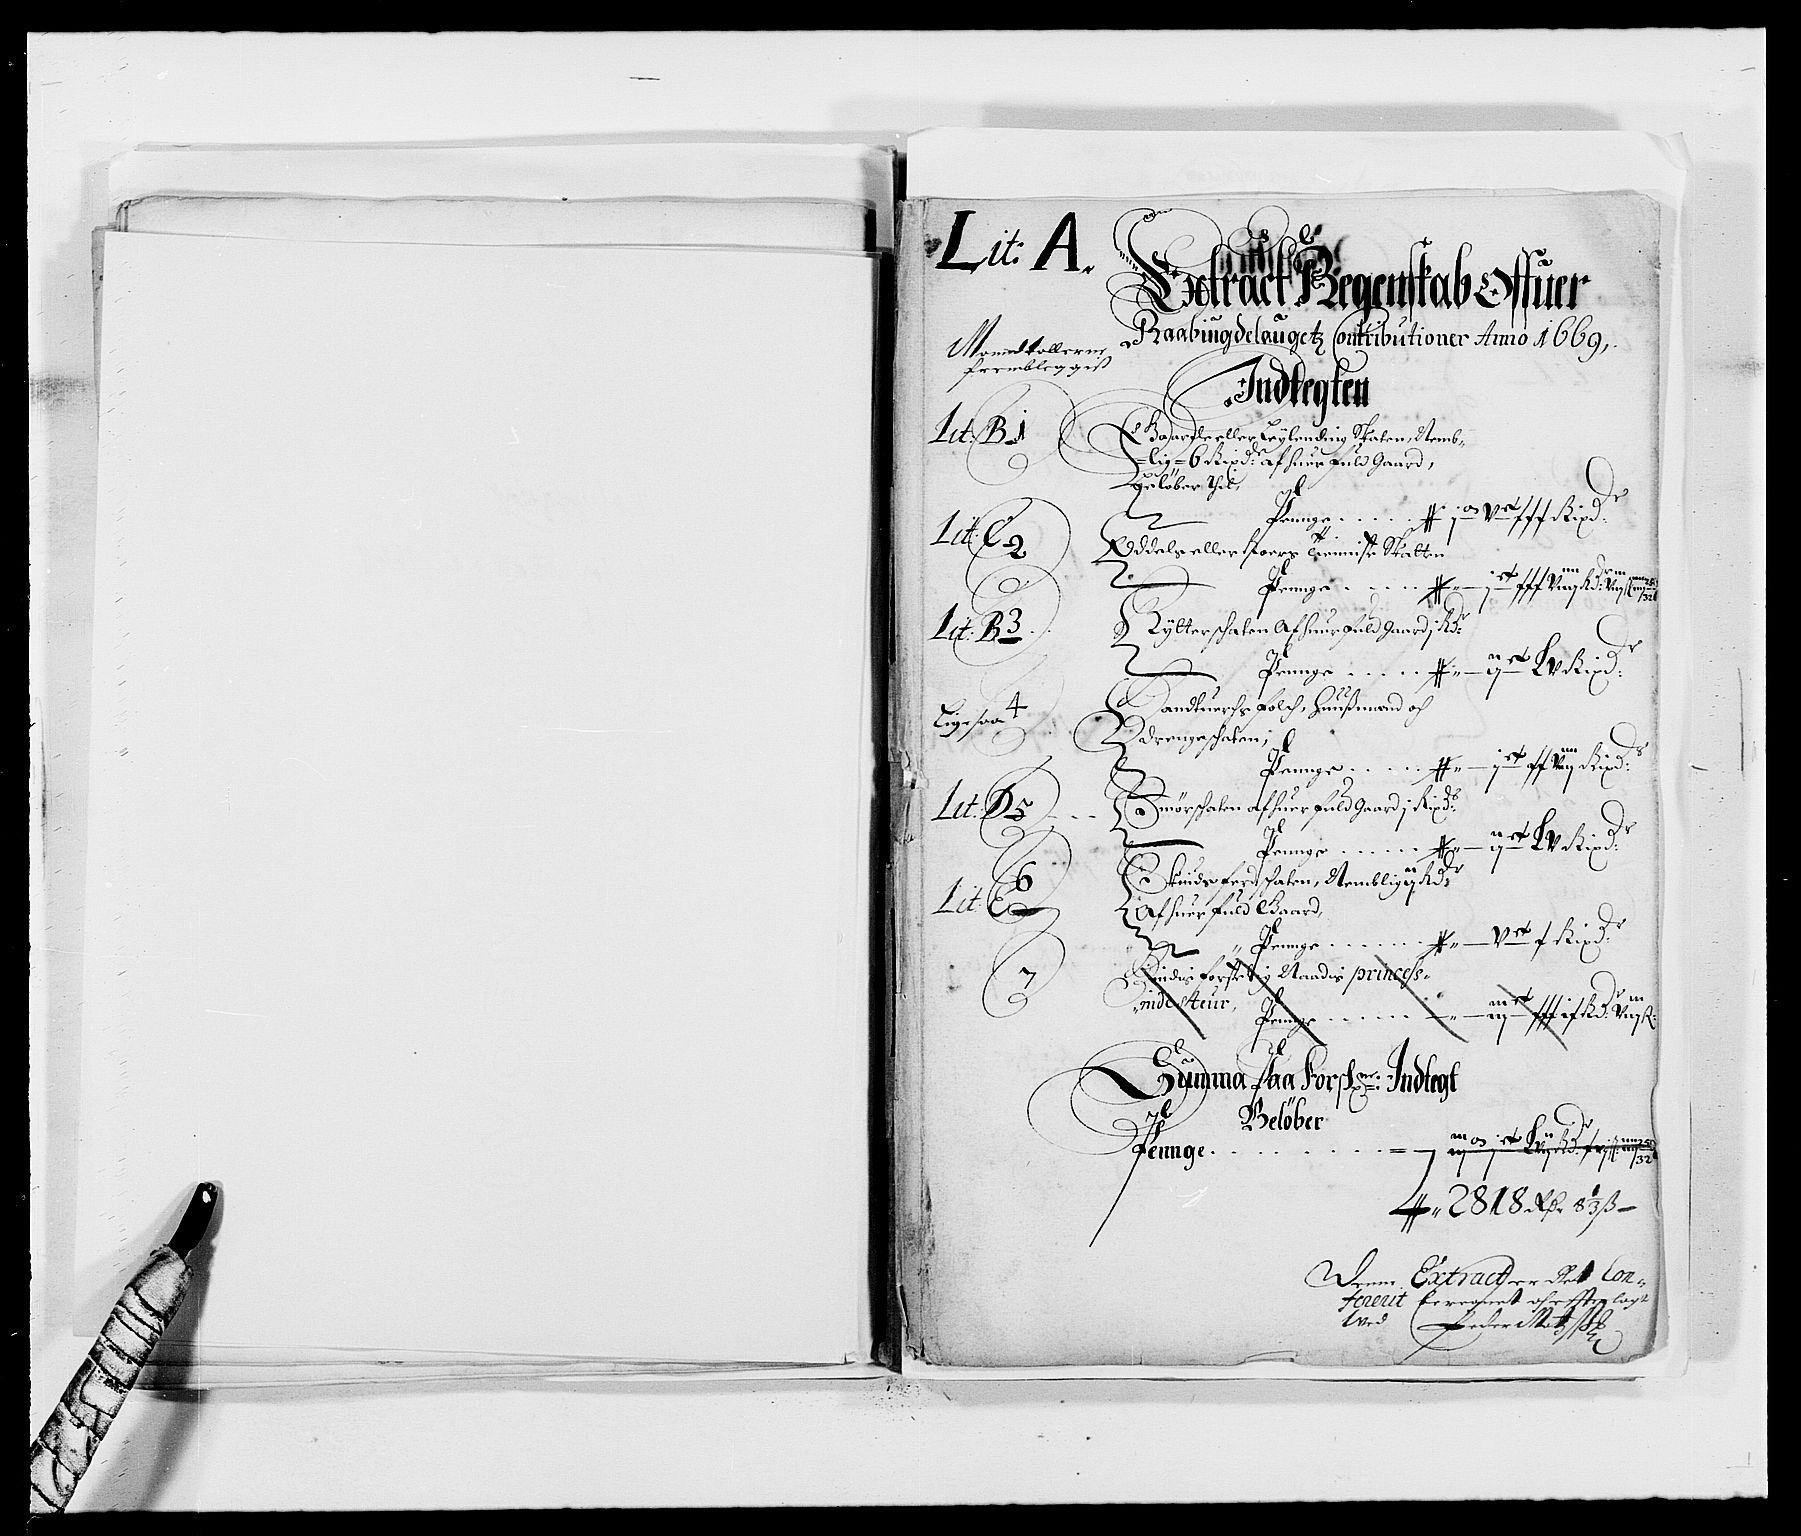 RA, Rentekammeret inntil 1814, Reviderte regnskaper, Fogderegnskap, R40/L2432: Fogderegnskap Råbyggelag, 1669-1670, s. 40